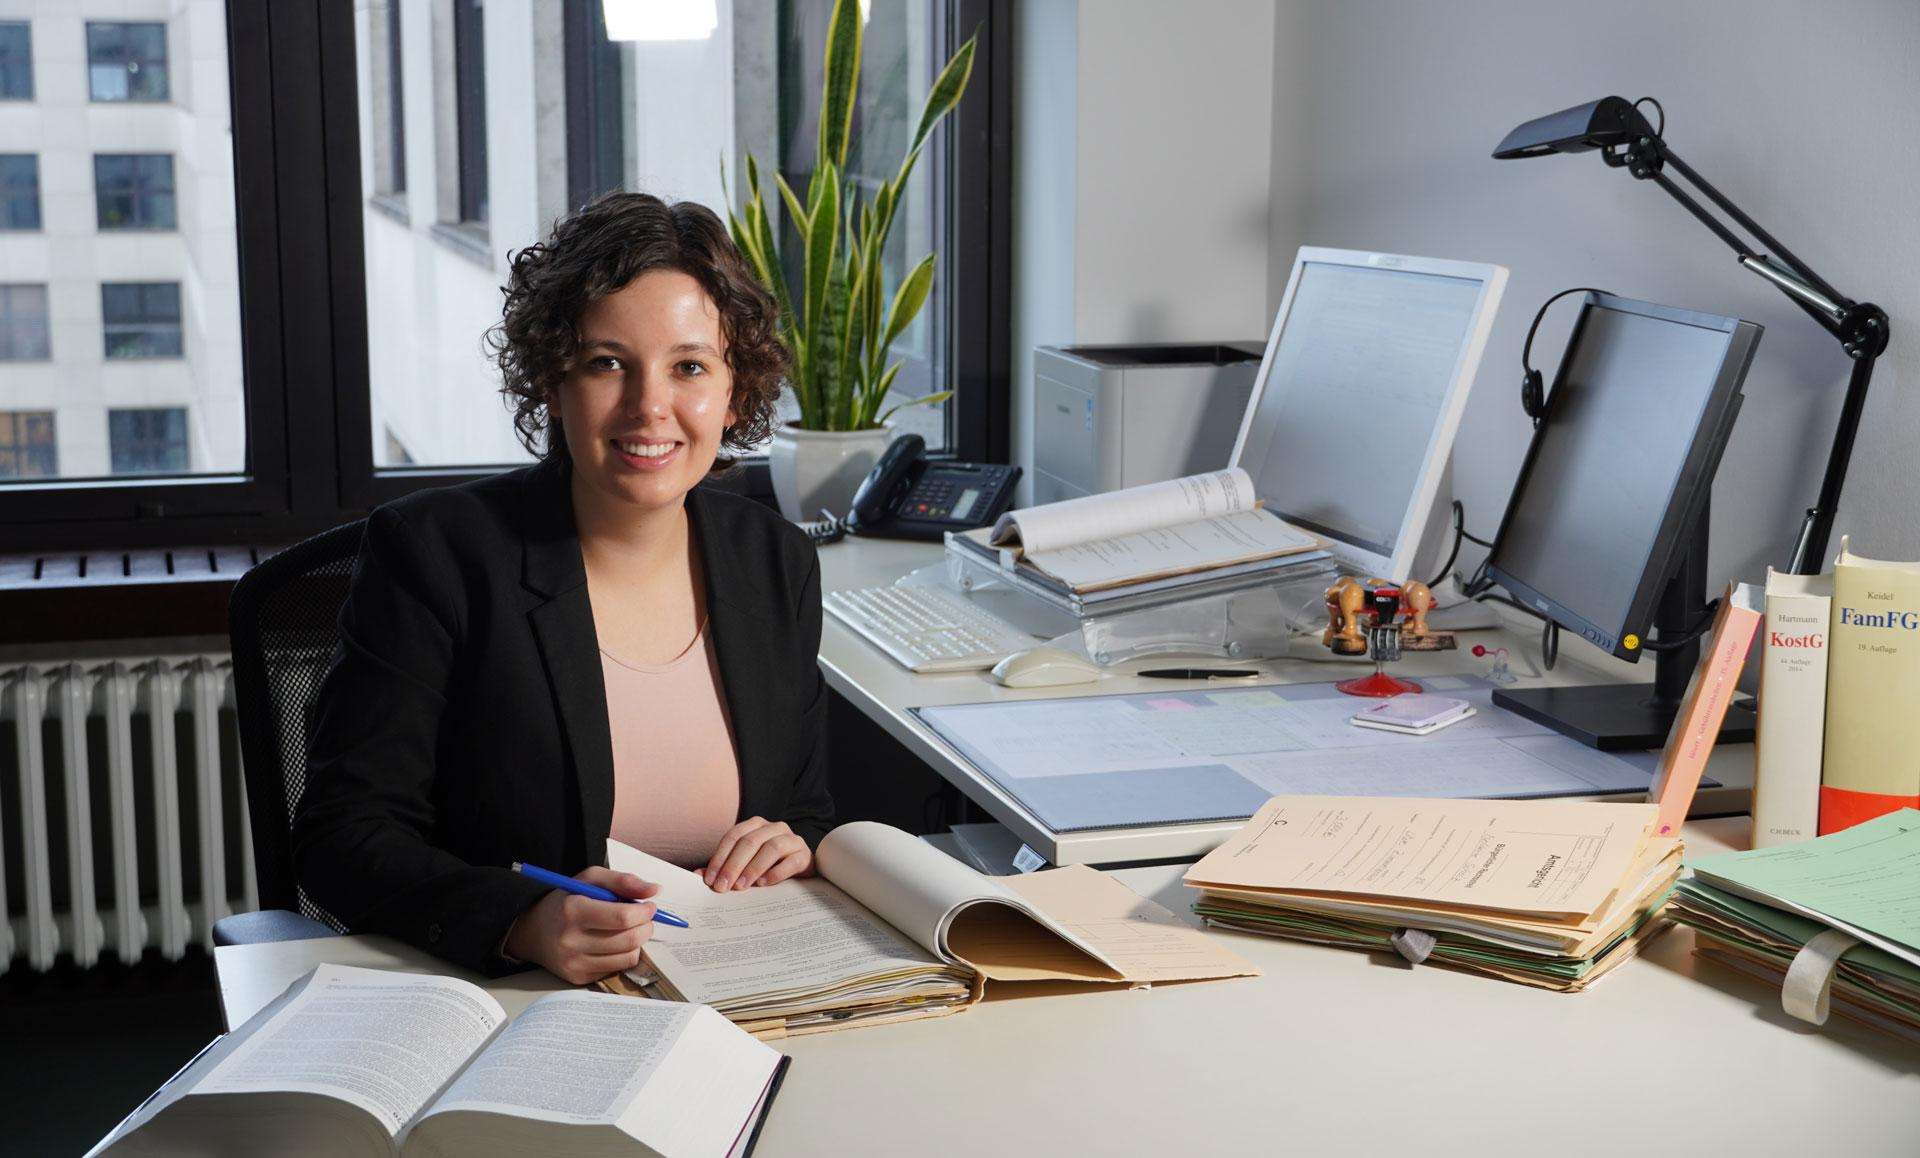 Rechtspflegerin Amy: Bearbeitet in ihrem Büro Erbschaftssachen, Vormundschaften und weitere entscheidende Rechtsfragen